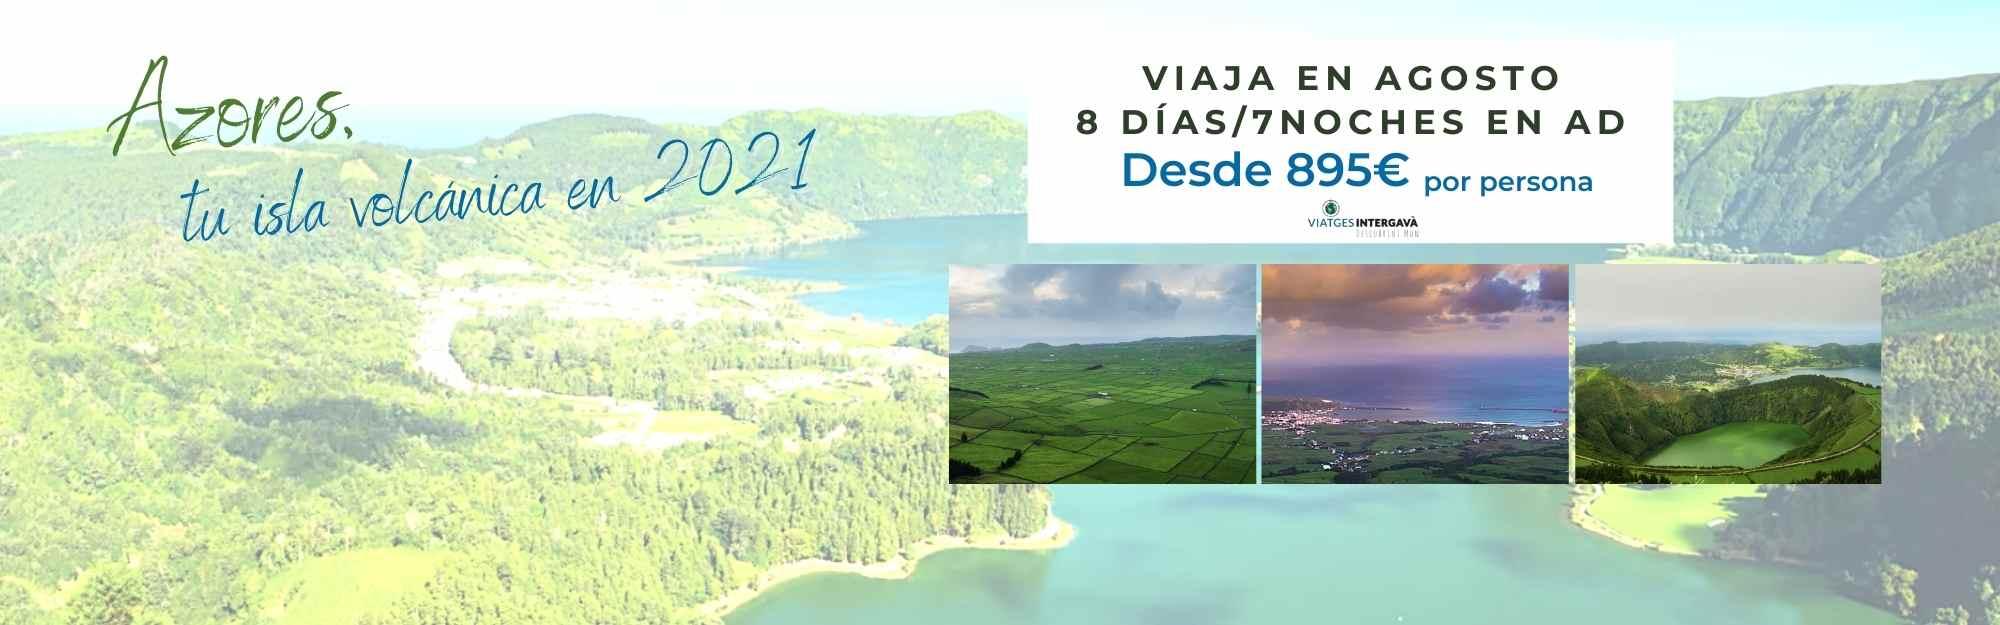 Azores, isla volcánica, tus vacaciones en 2021